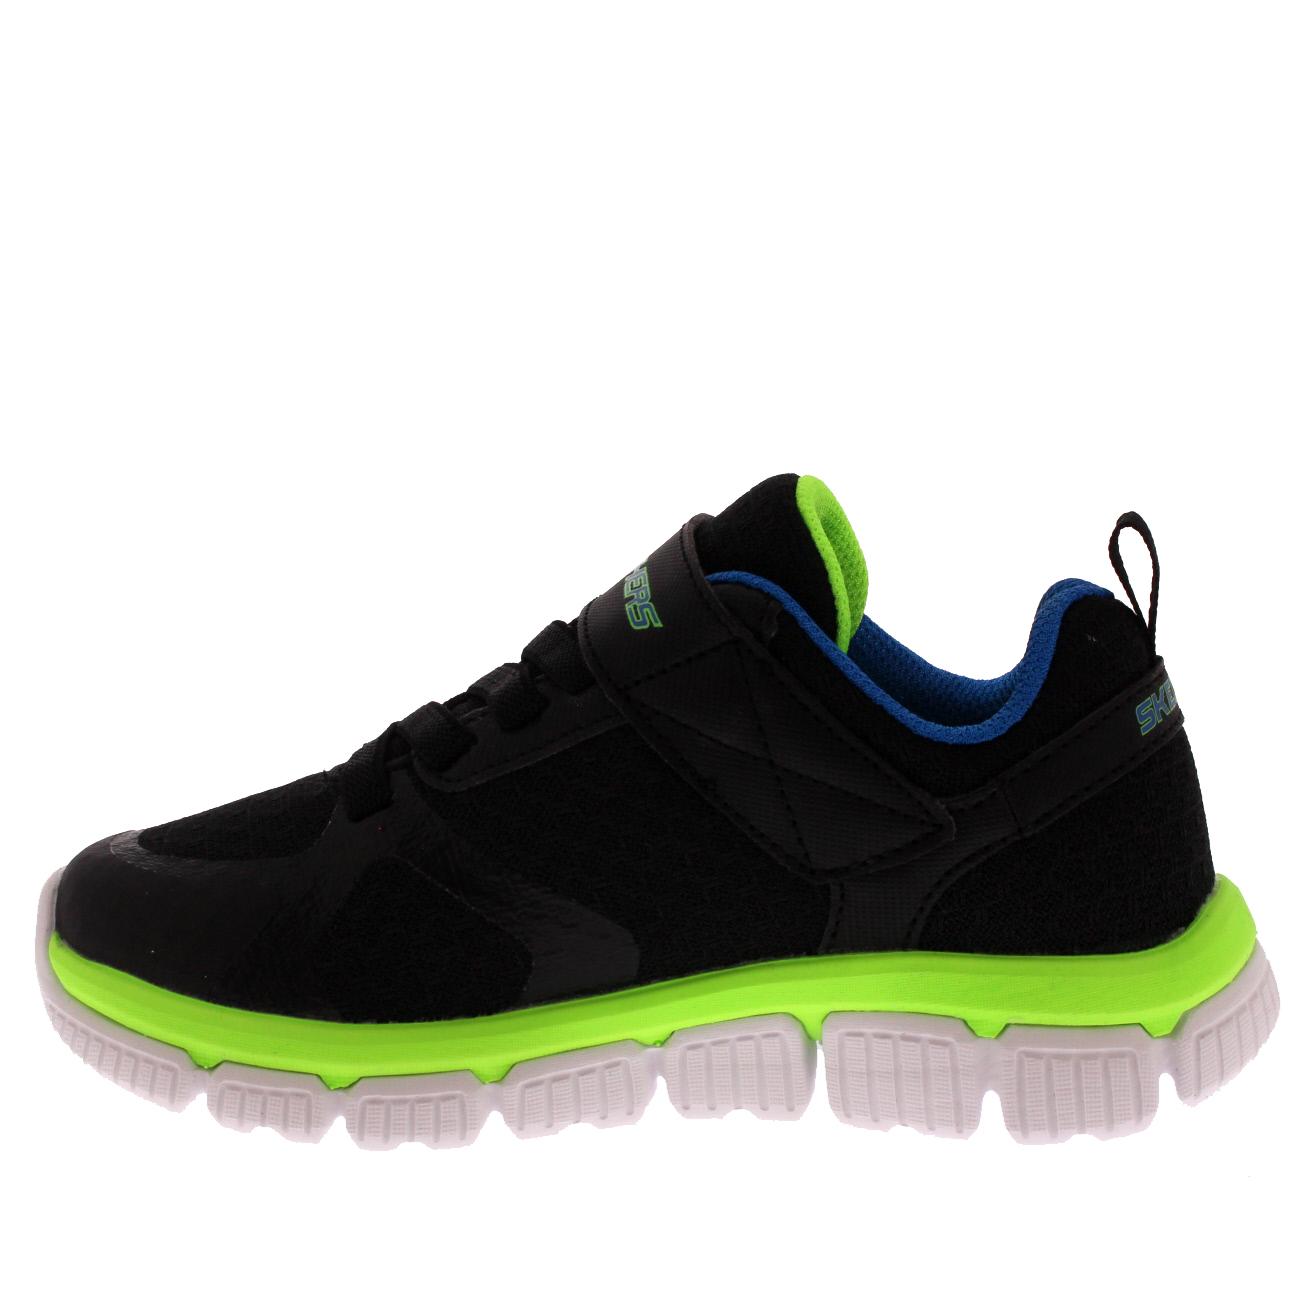 Details about Kids Boys Skechers Skech Flex 2.0 Swift Walking Memory Foam Trainers All Sizes